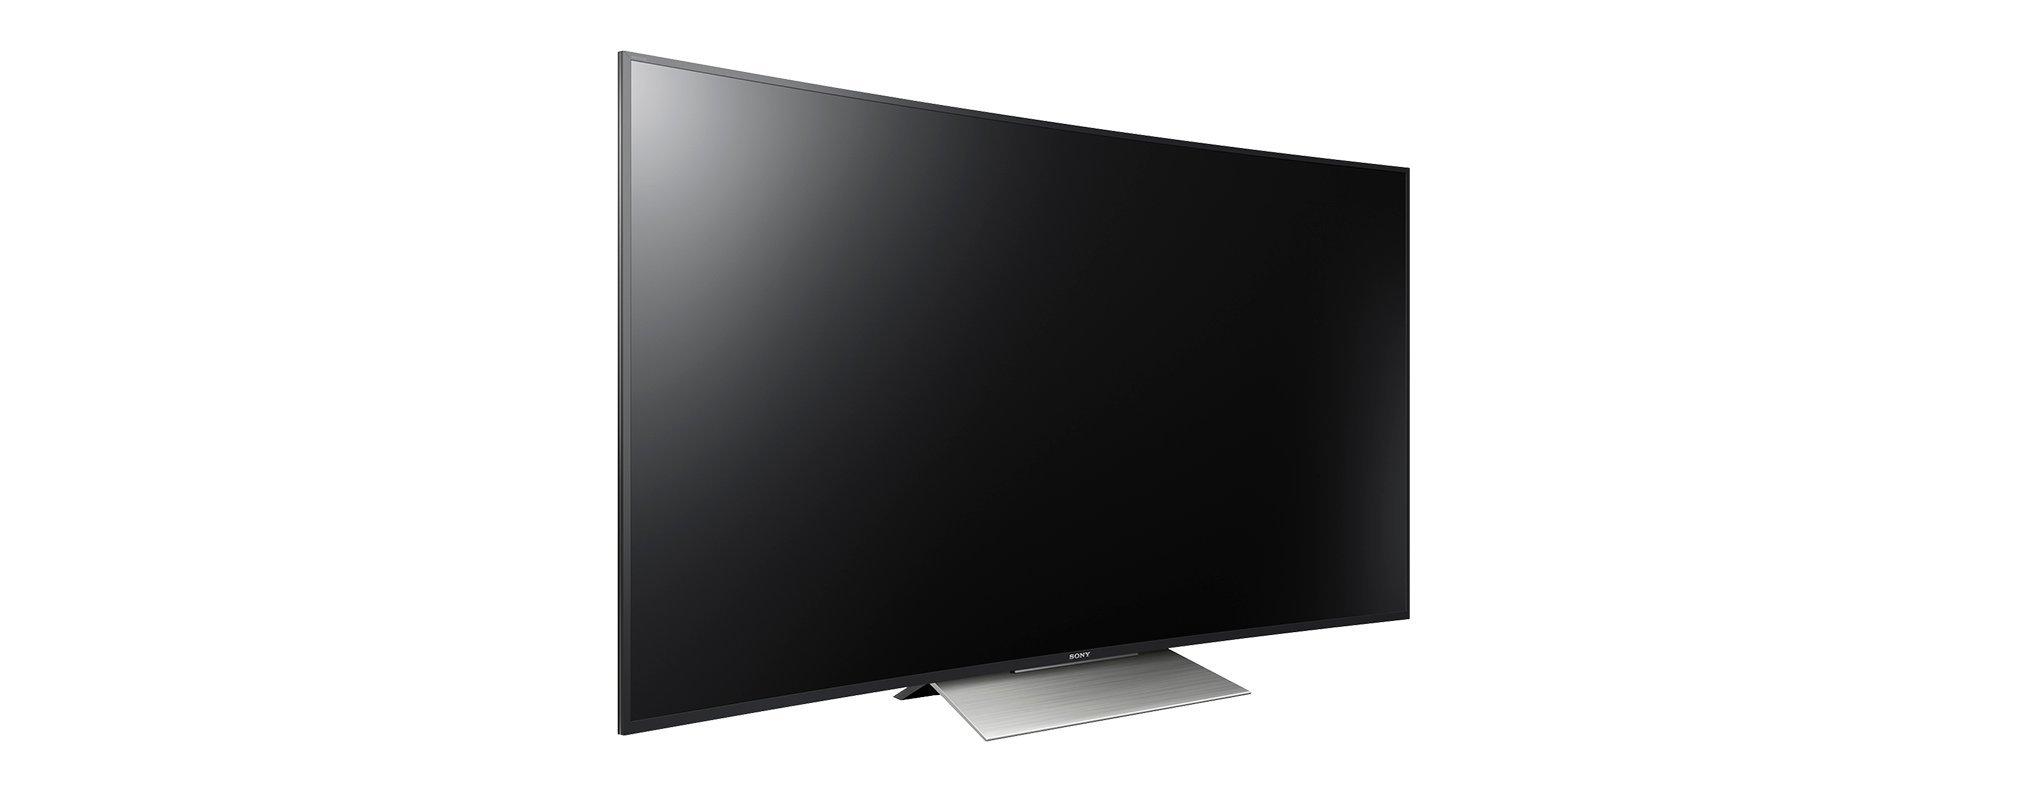 Sony KD-55SD8505 - Televisor (4K Ultra HD, LED, Android, A, 16:9 ...